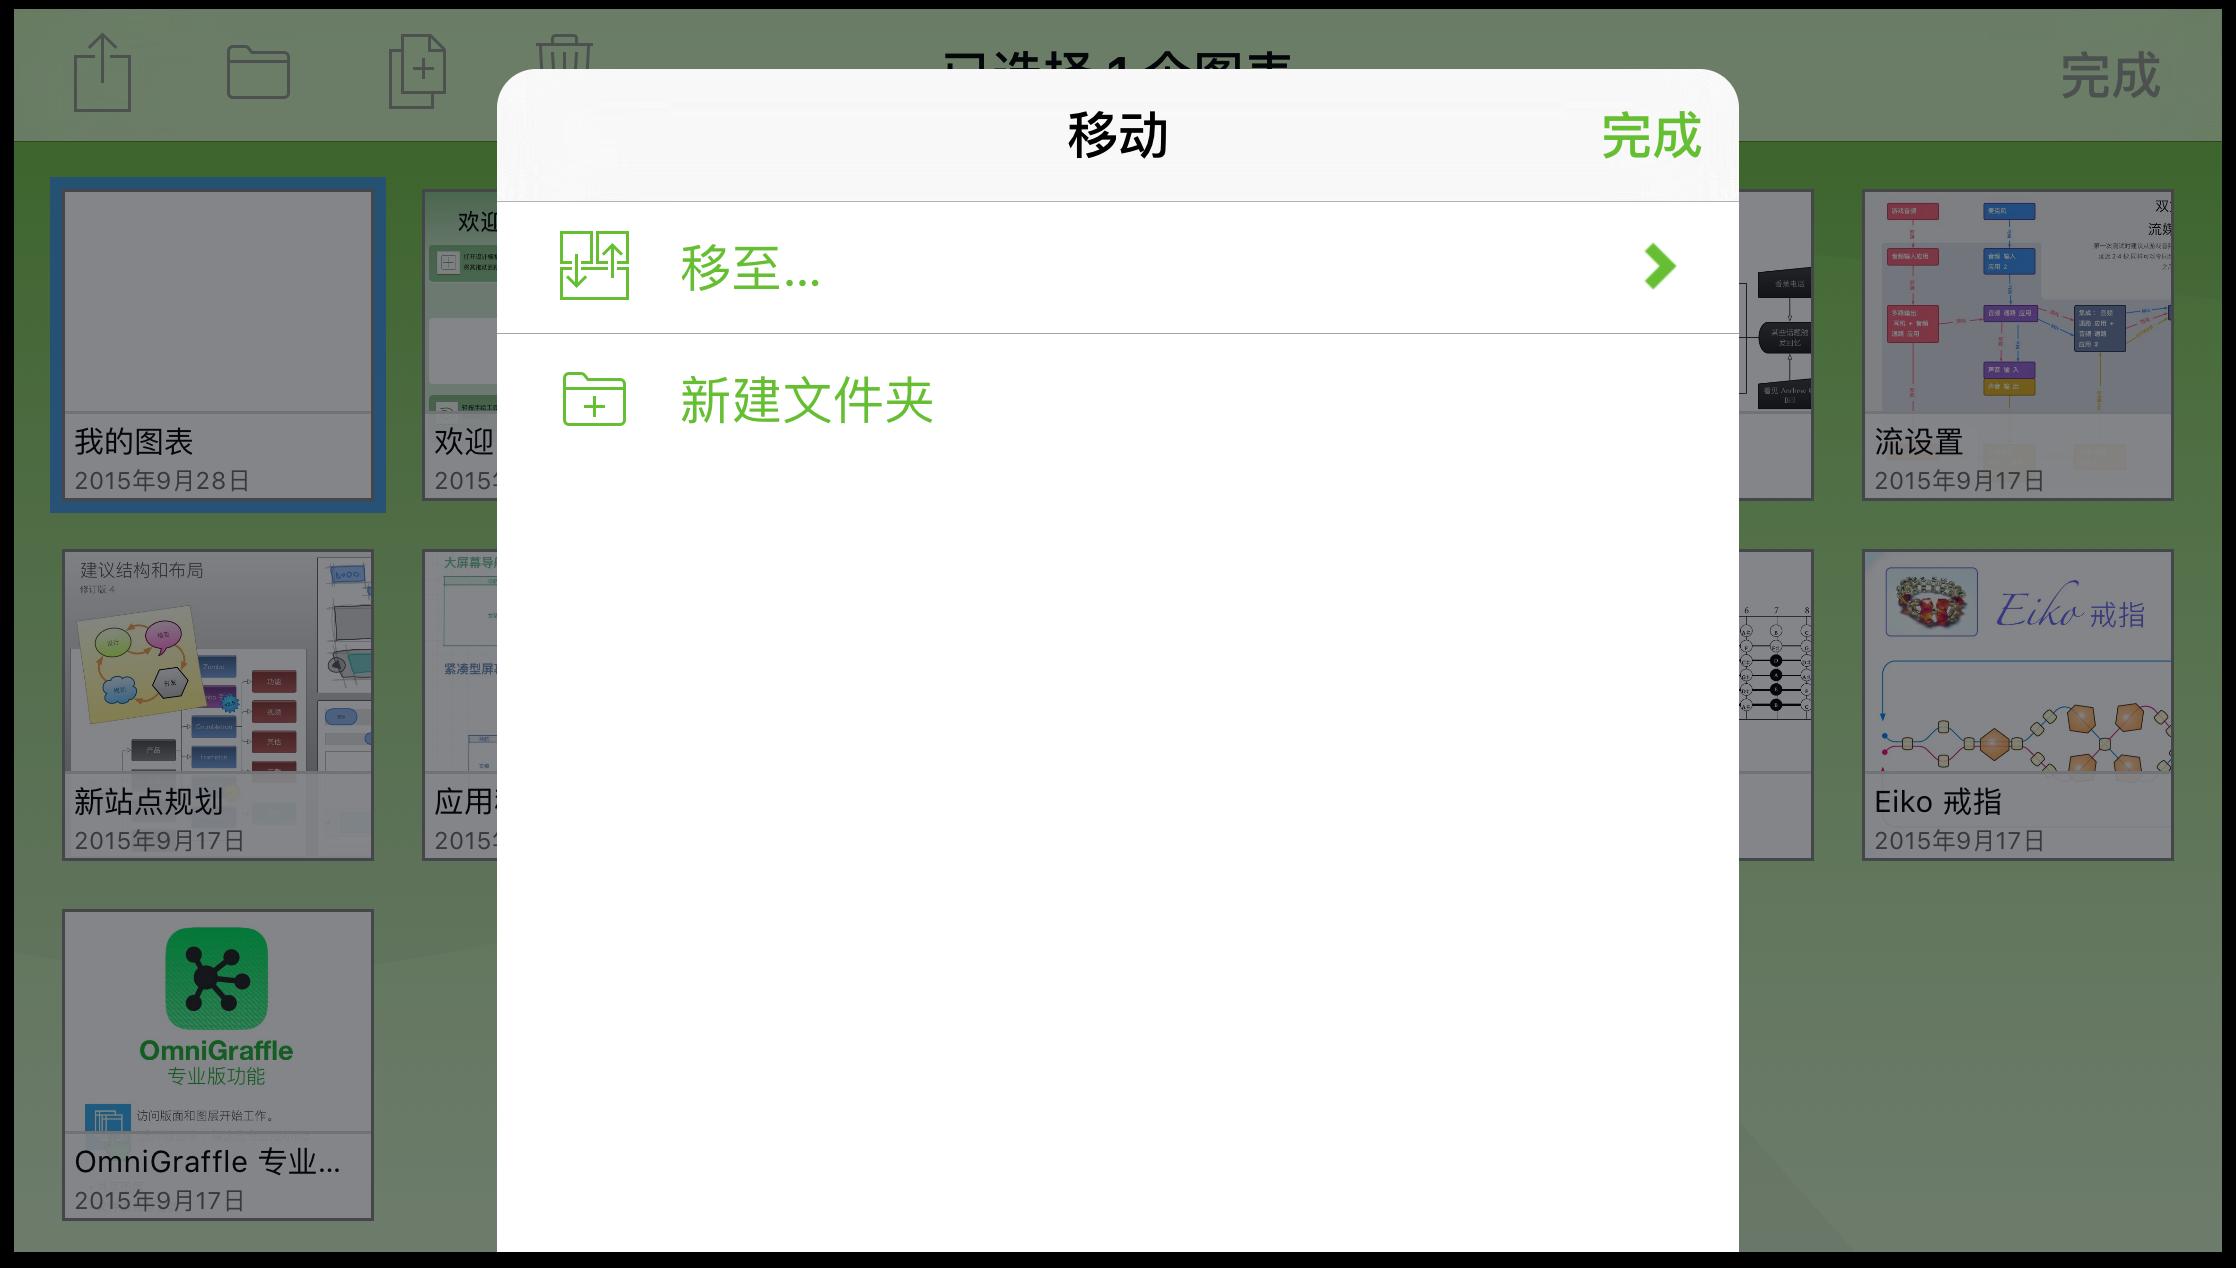 轻按导航栏中的文件夹图标,将文件移至其他文件夹,或新建包含所选文件的子文件夹。